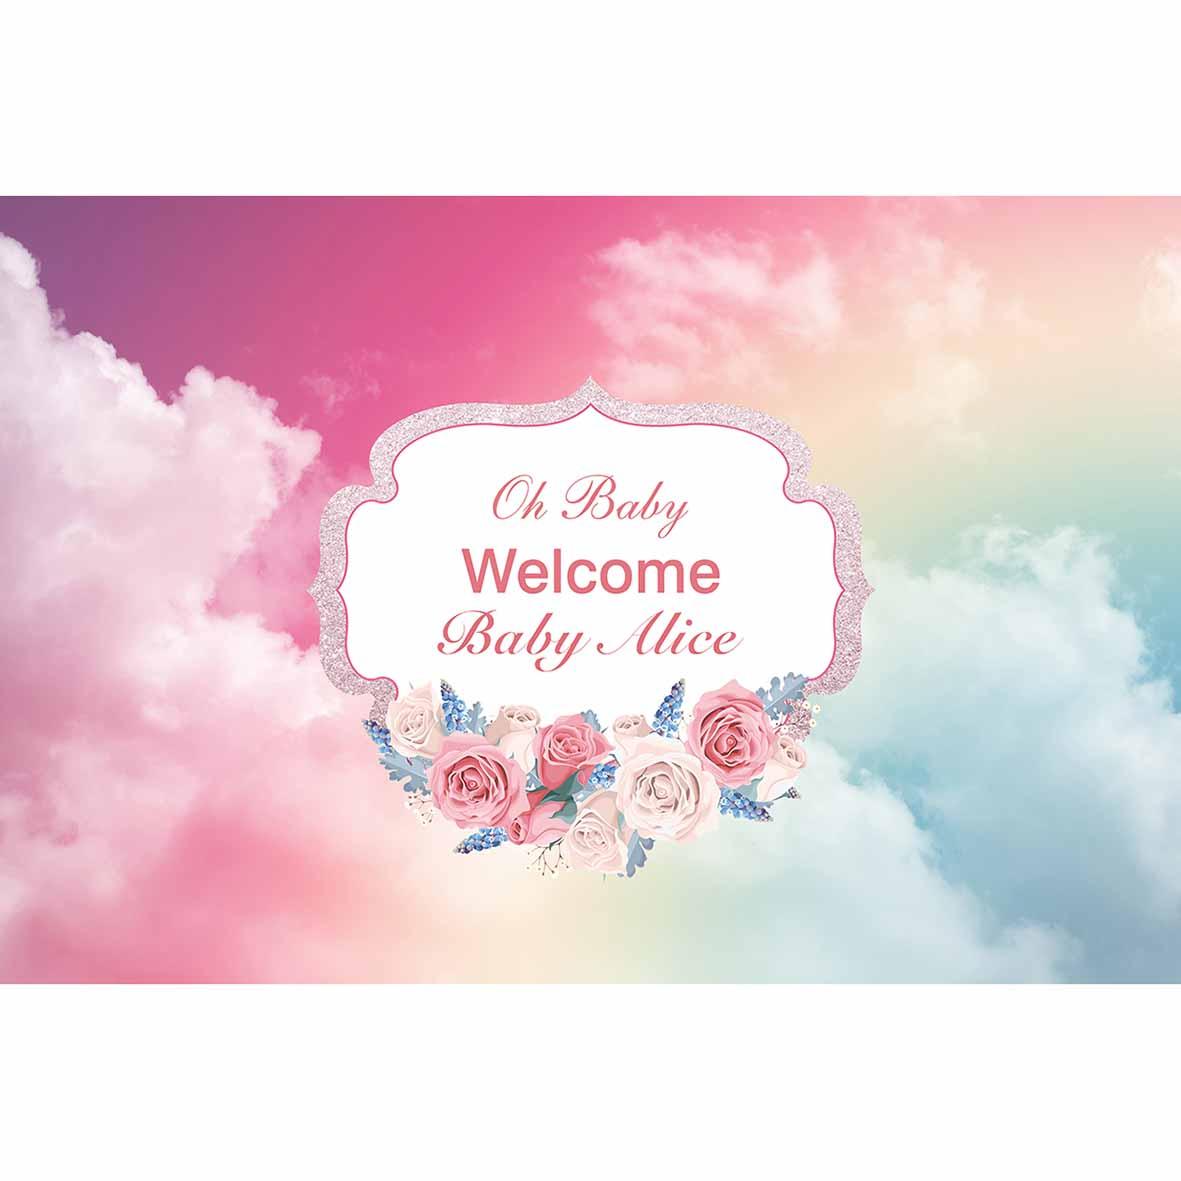 7000 Gambar Awan Warna Pink  Terbaru